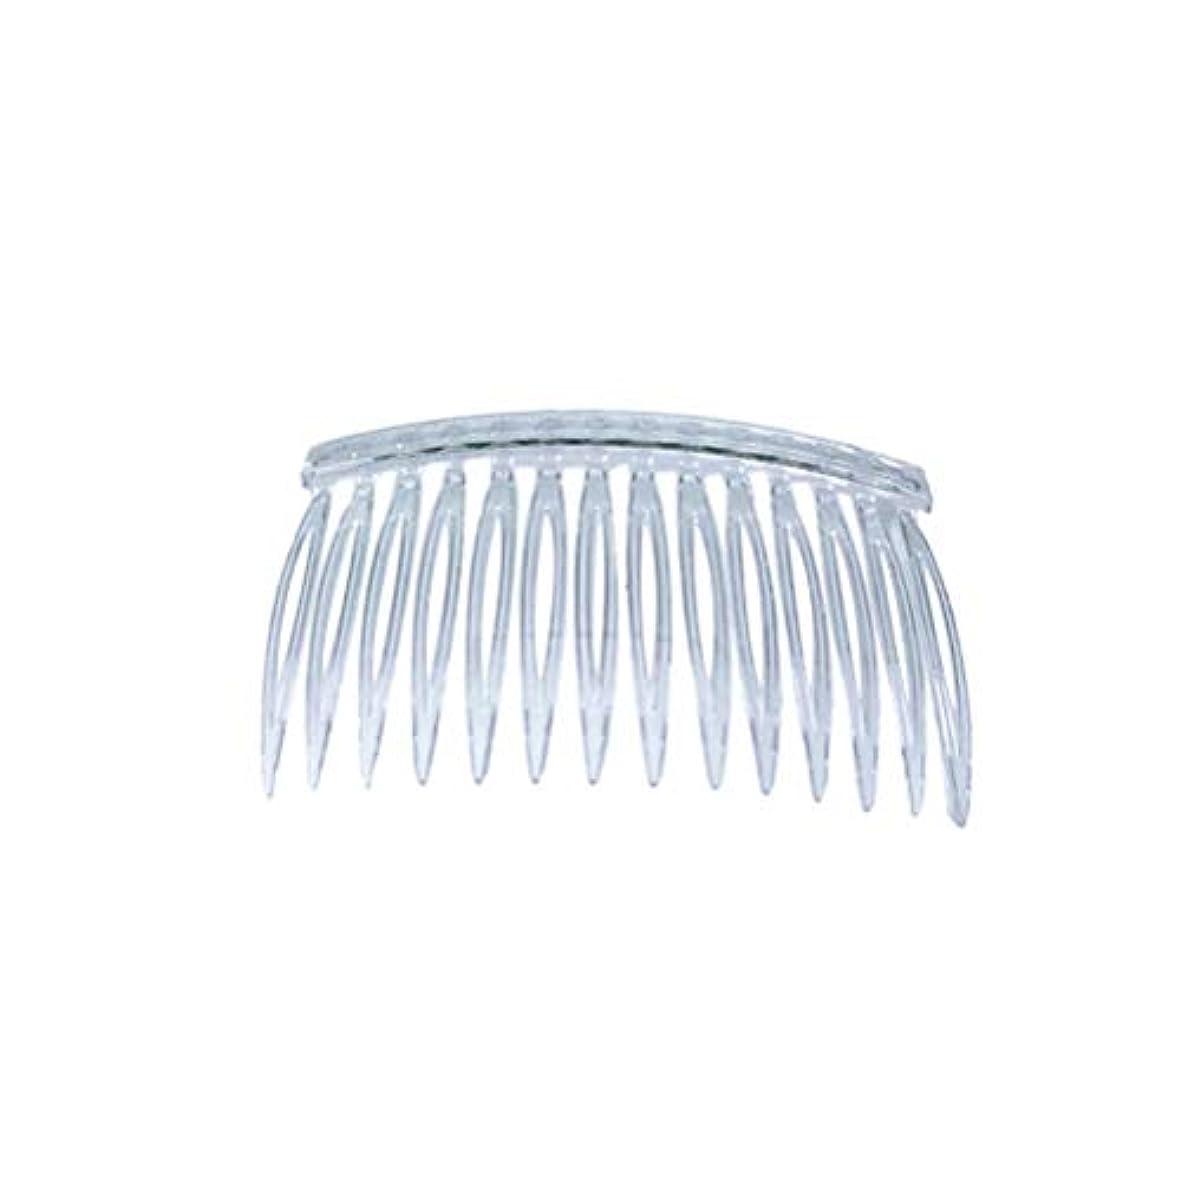 同時僕の本質的にFrcolor ヘアコーム ヘアアレンジ コーム かんざし ヘッドドレス 髪の櫛 髪飾り ヘアアクセサリー まとめ髪 プラスチック 透明 10本セット